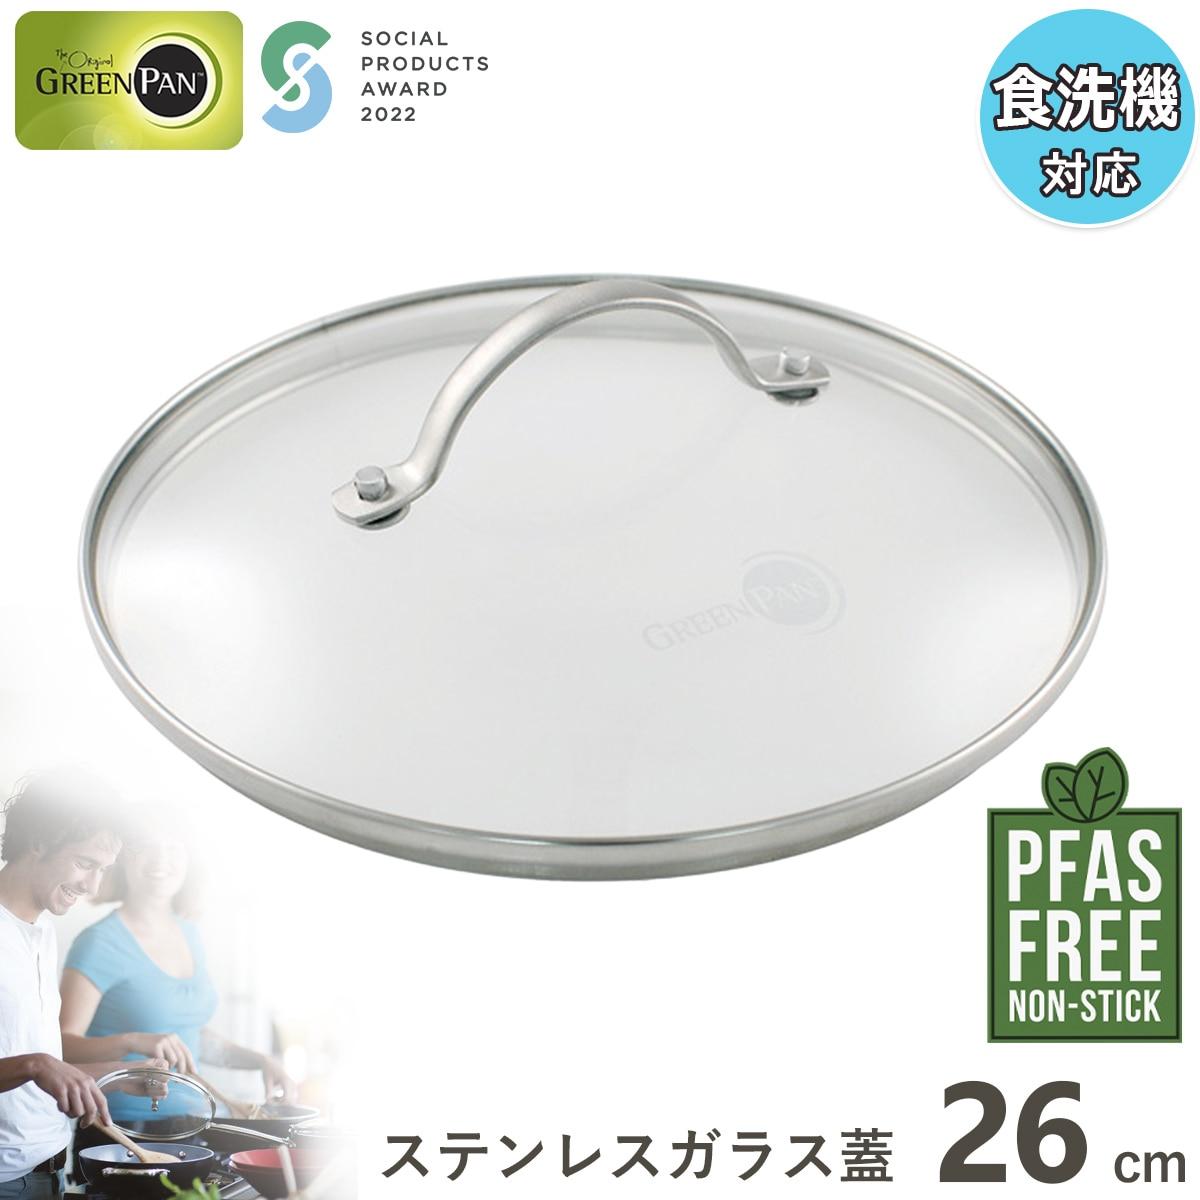 グリーンパン ステンレスガラス蓋26cm CW000027-003